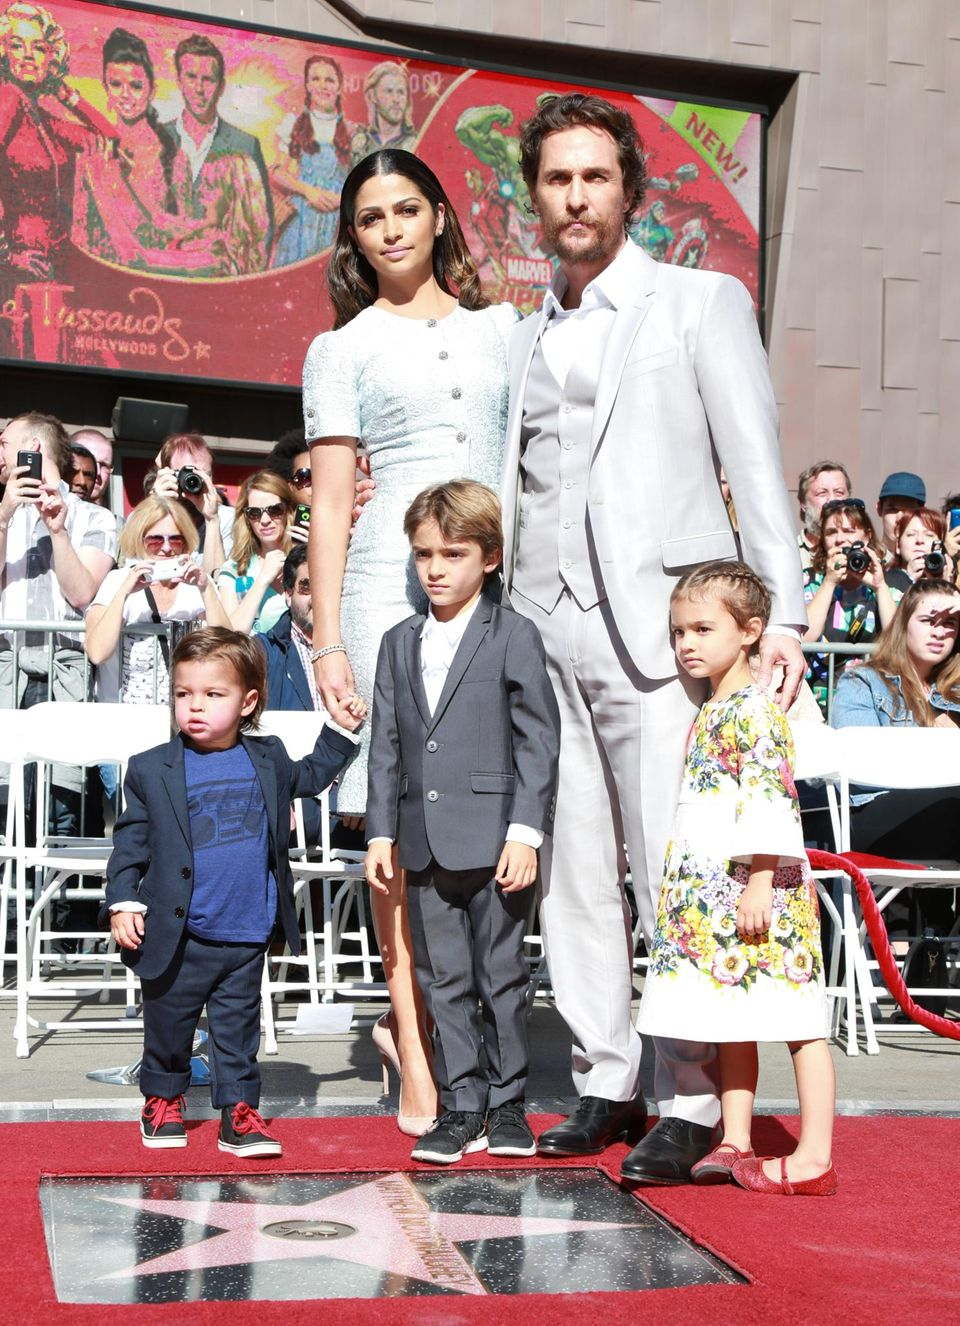 """17. November 2014  Auf dem """"Walk of Fame"""" in Los Angeles wird Matthew McConaughey mit einem Stern verewigt. Zur Zeremonie bringt er seine Frau Camila Alvers und seine 3 Kinder mit."""